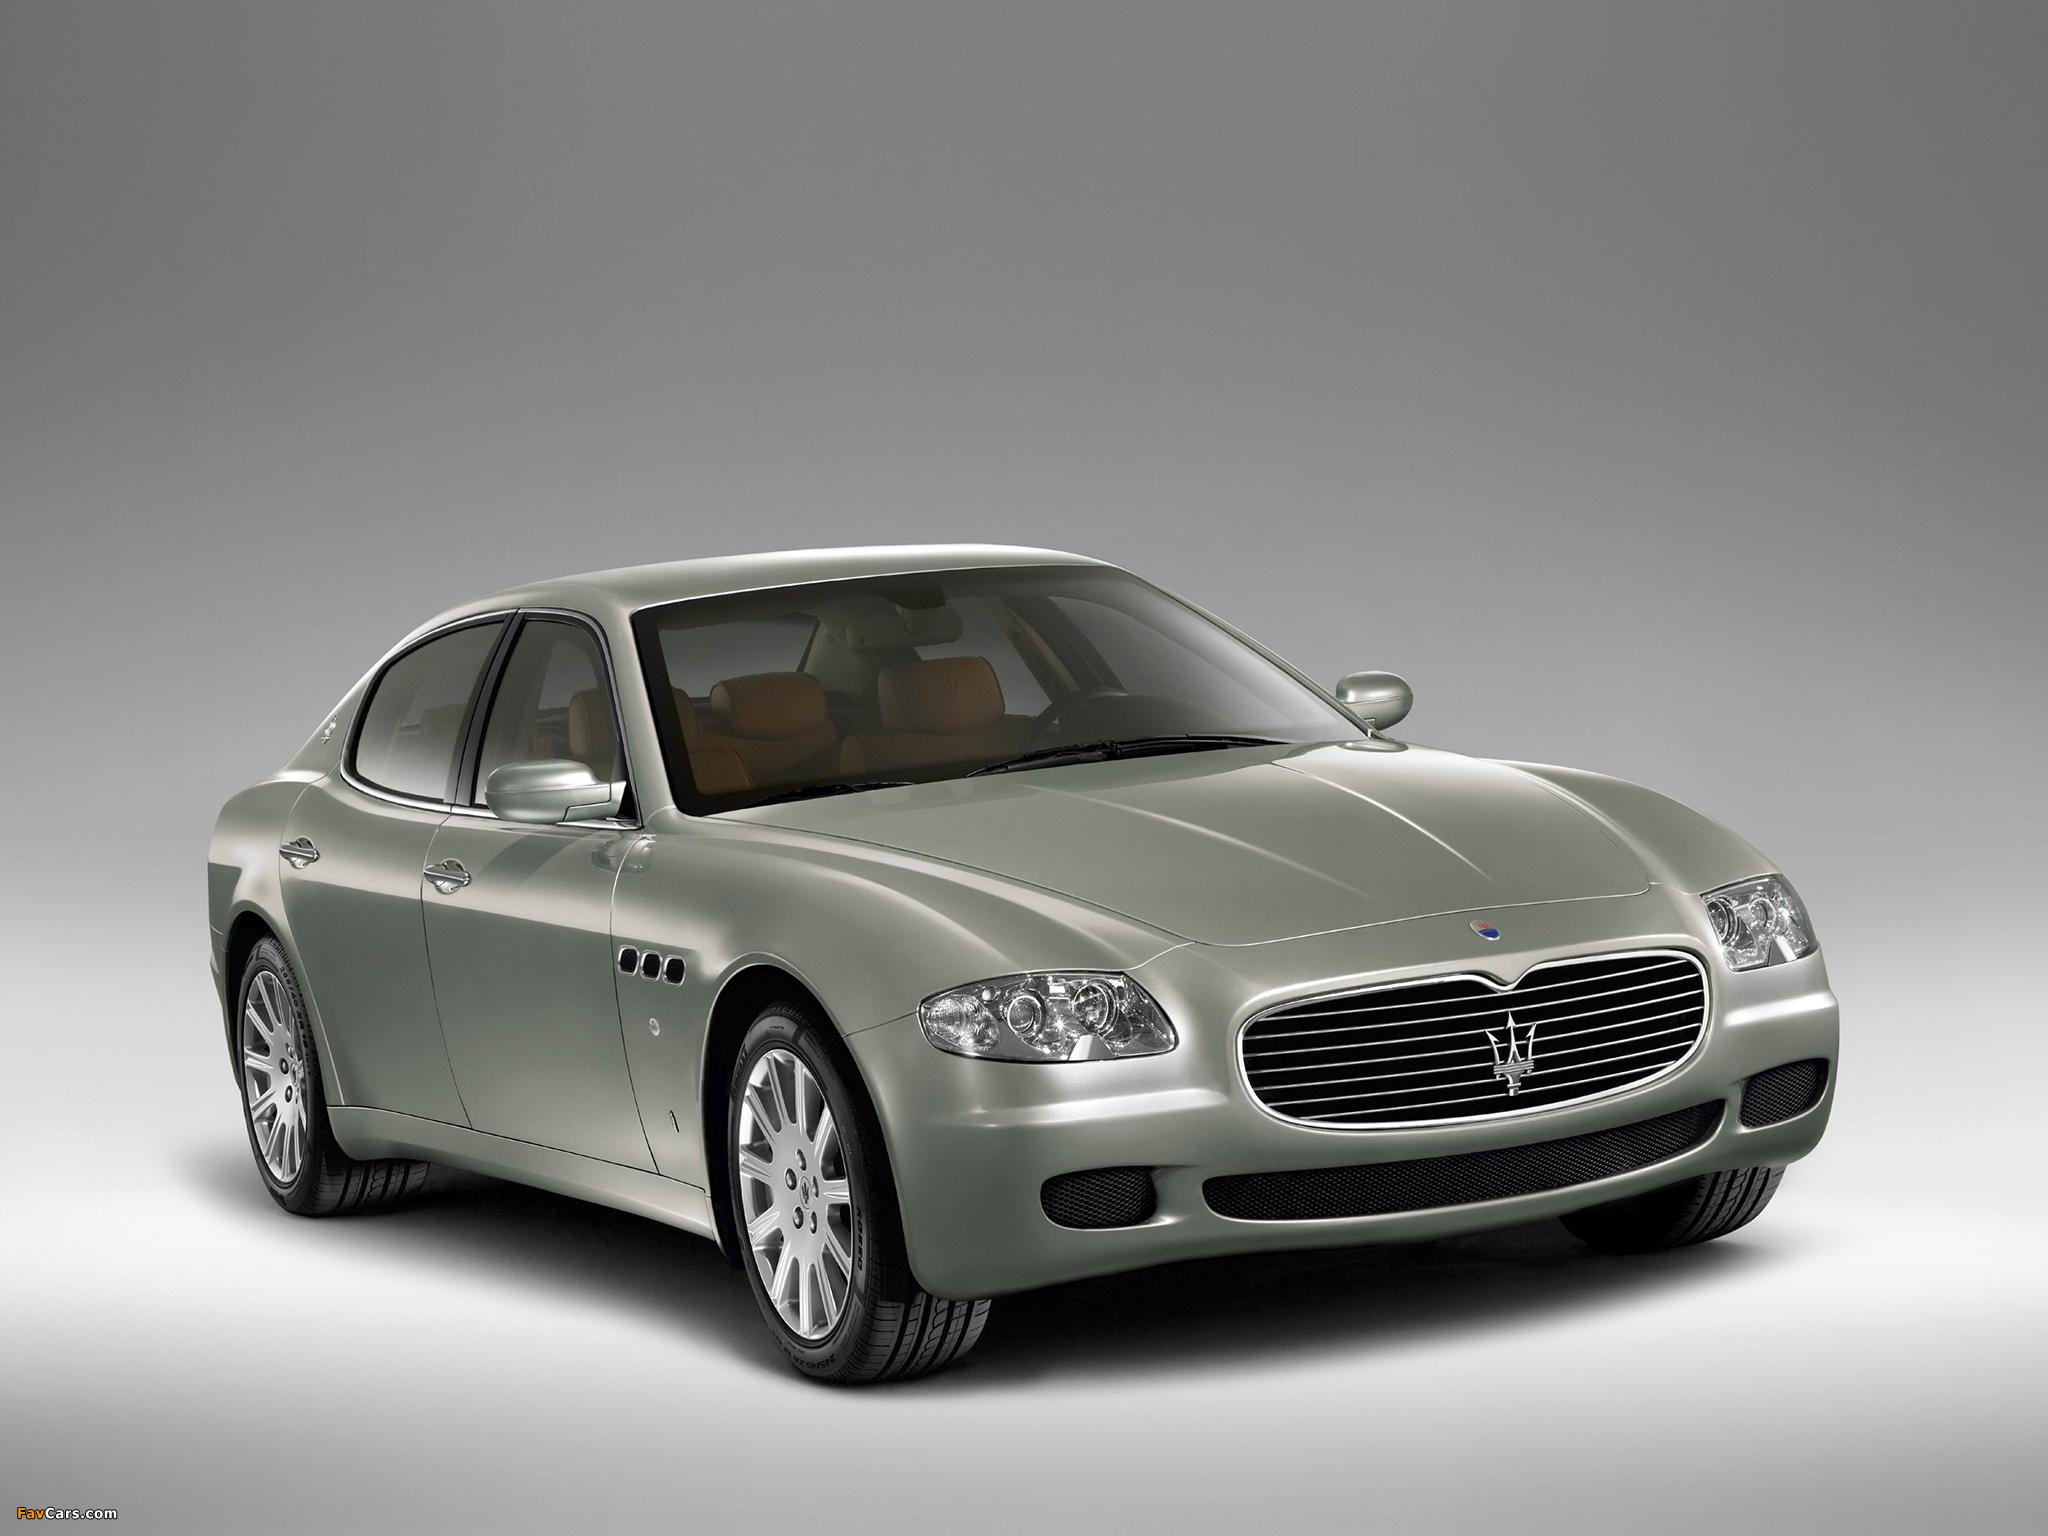 Maserati Quattroporte Automatic (V) 2005-08 wallpapers ...